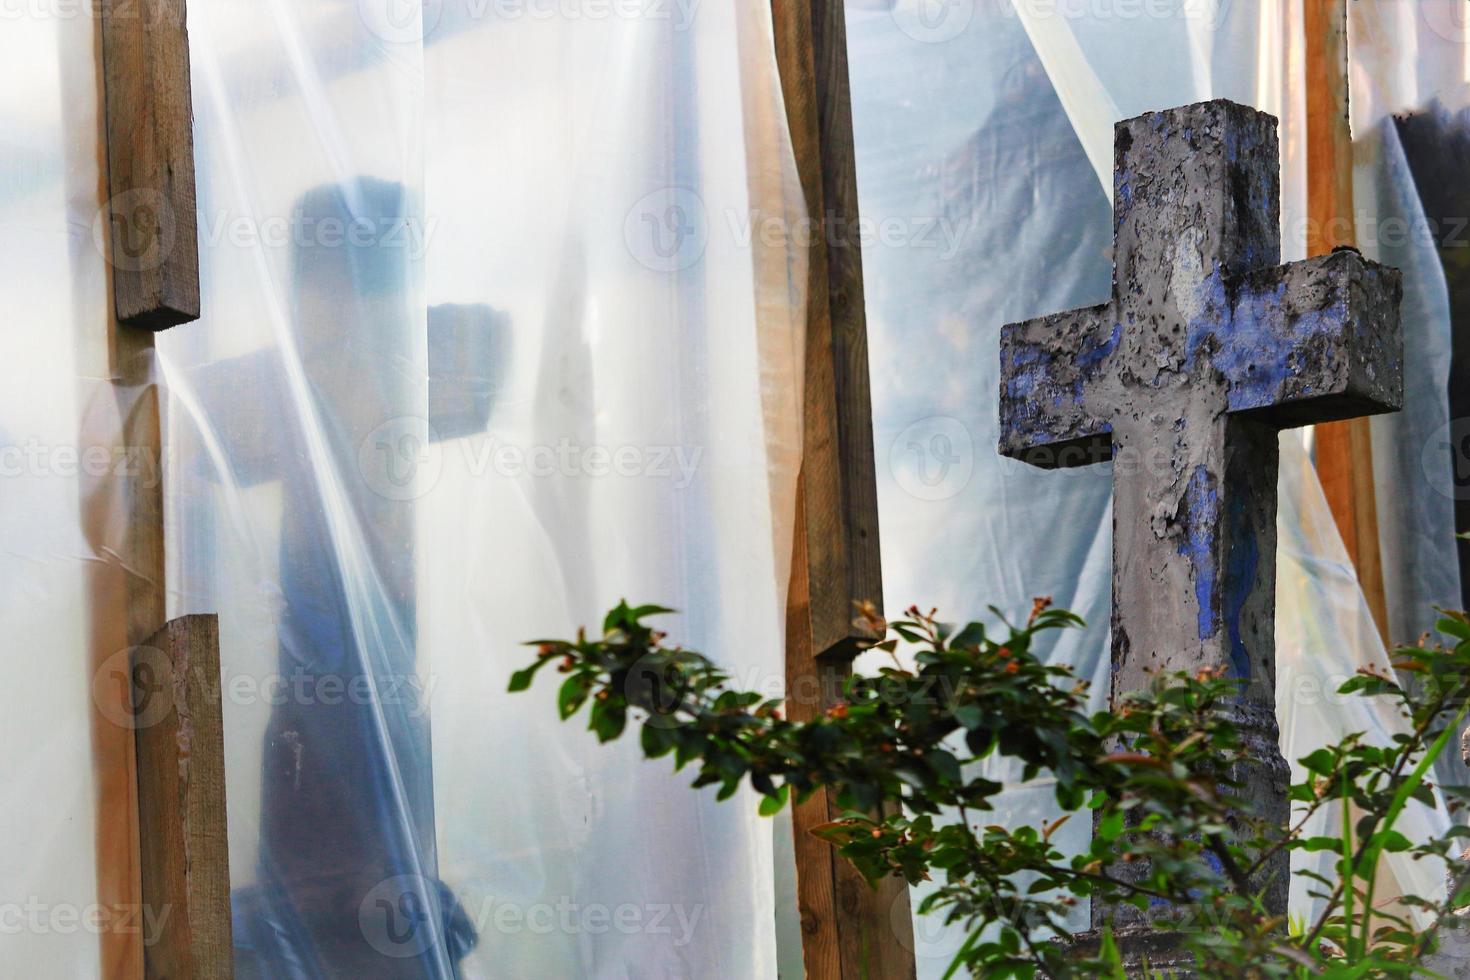 ancien cimetière en reconstruction avec croix bleue derrière un buisson et recouvert d'une pellicule plastique sur des supports en bois photo